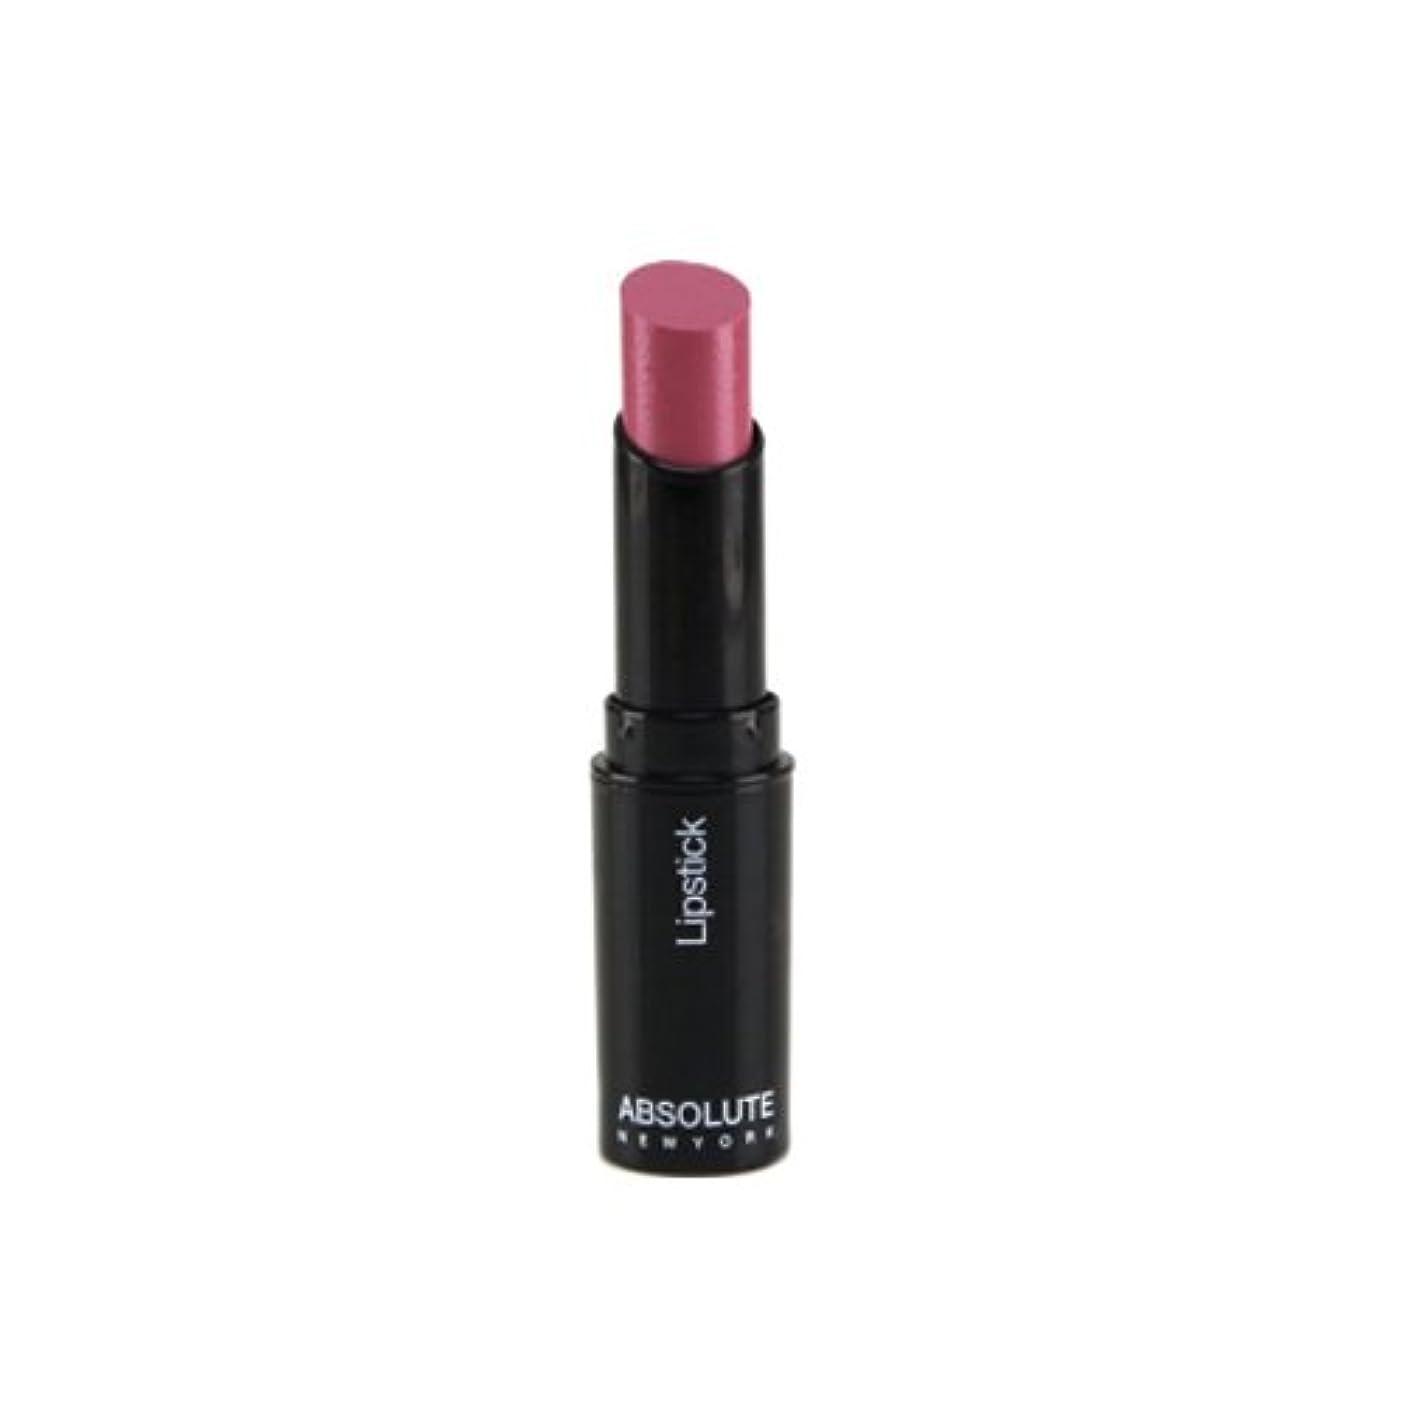 ベーコン動的スローガン(6 Pack) ABSOLUTE Ultra Slick Lipstick - Vivid (並行輸入品)